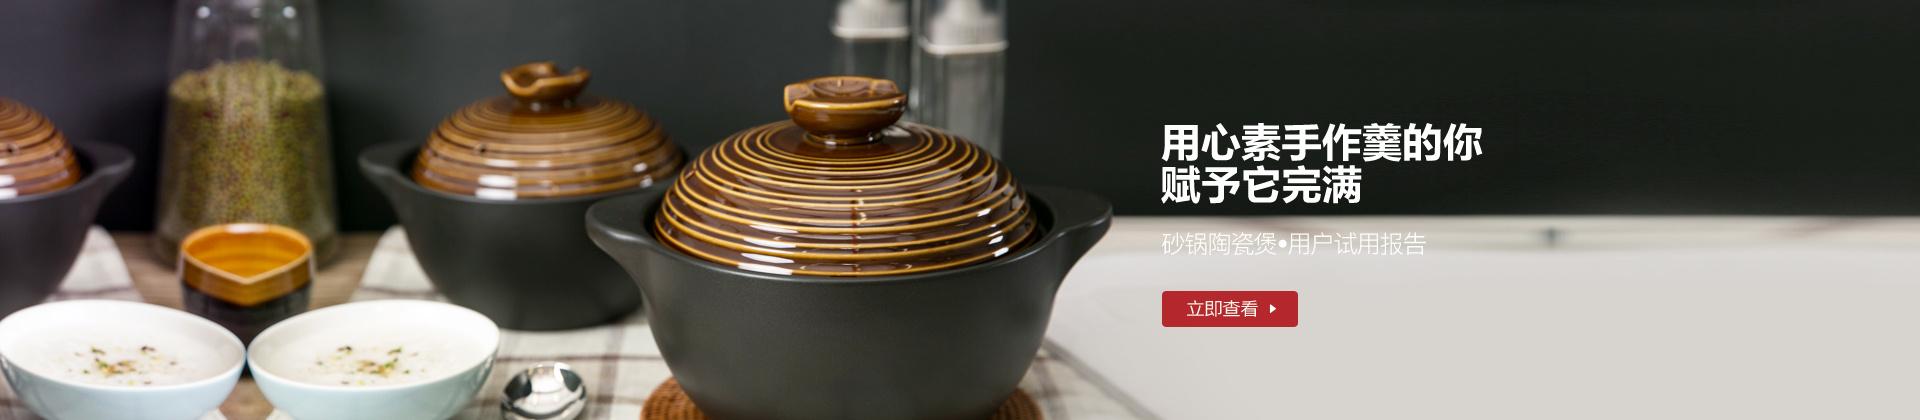 砂锅陶瓷煲